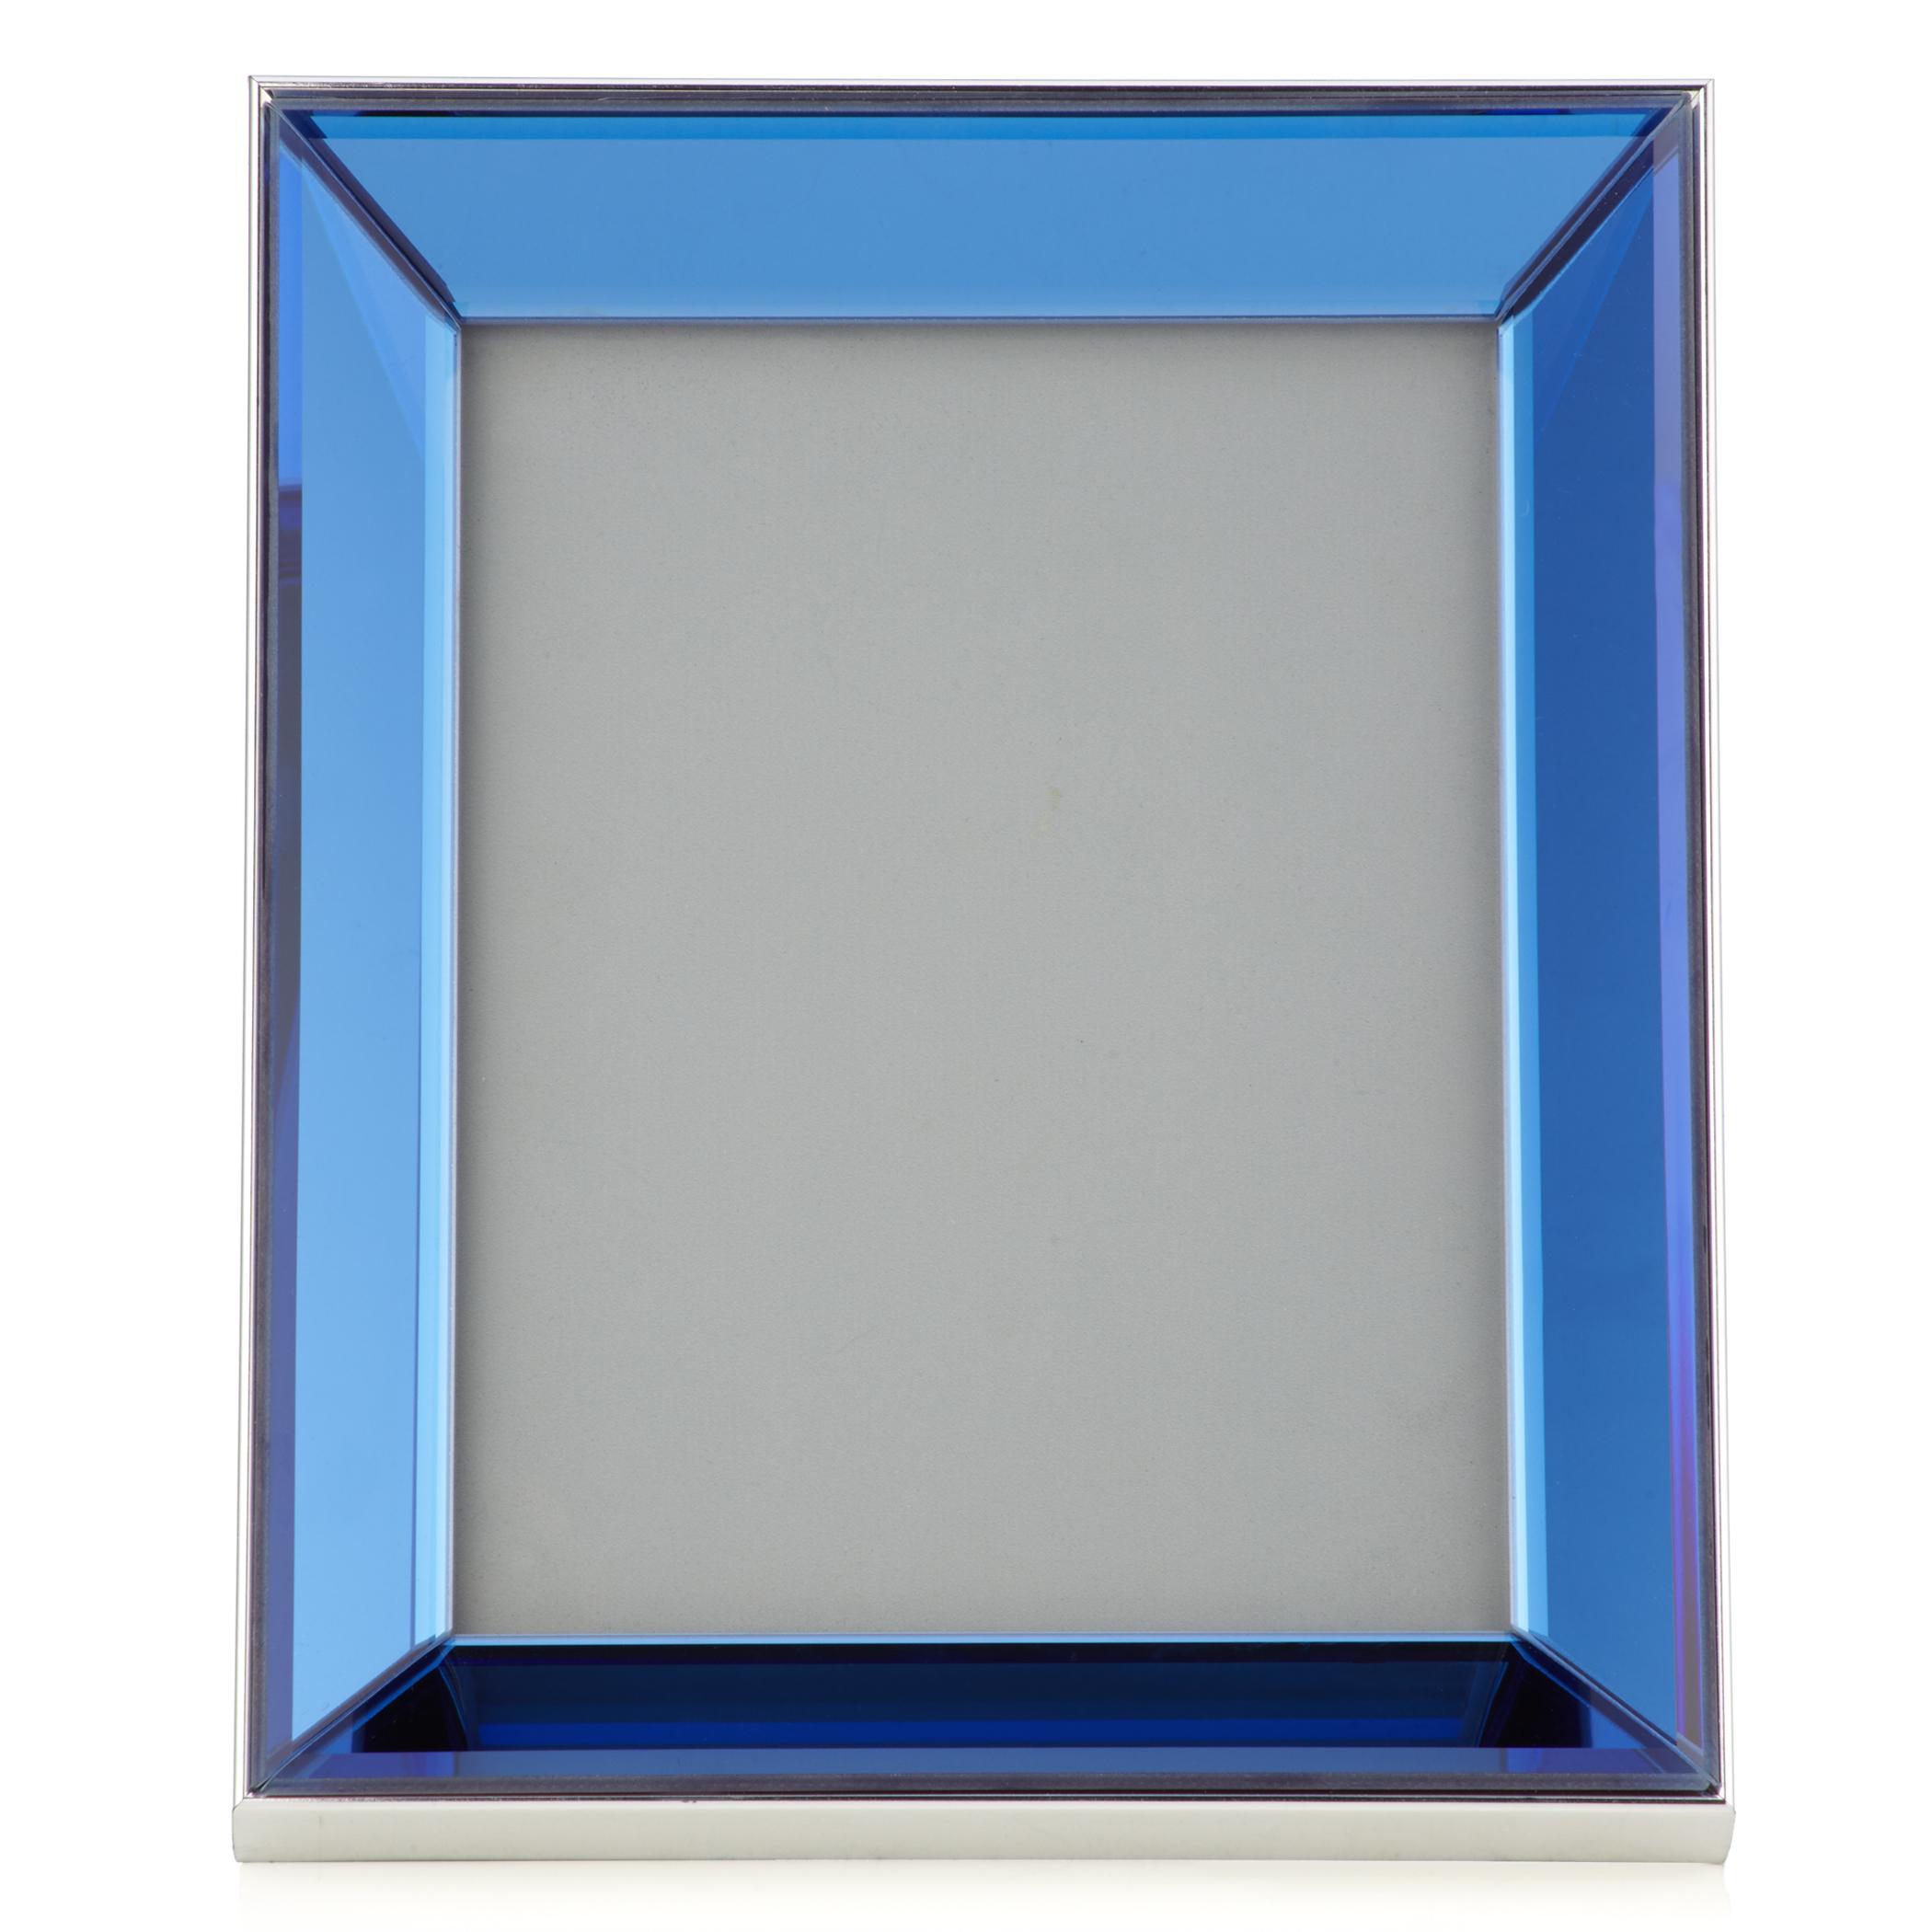 Prism Frame